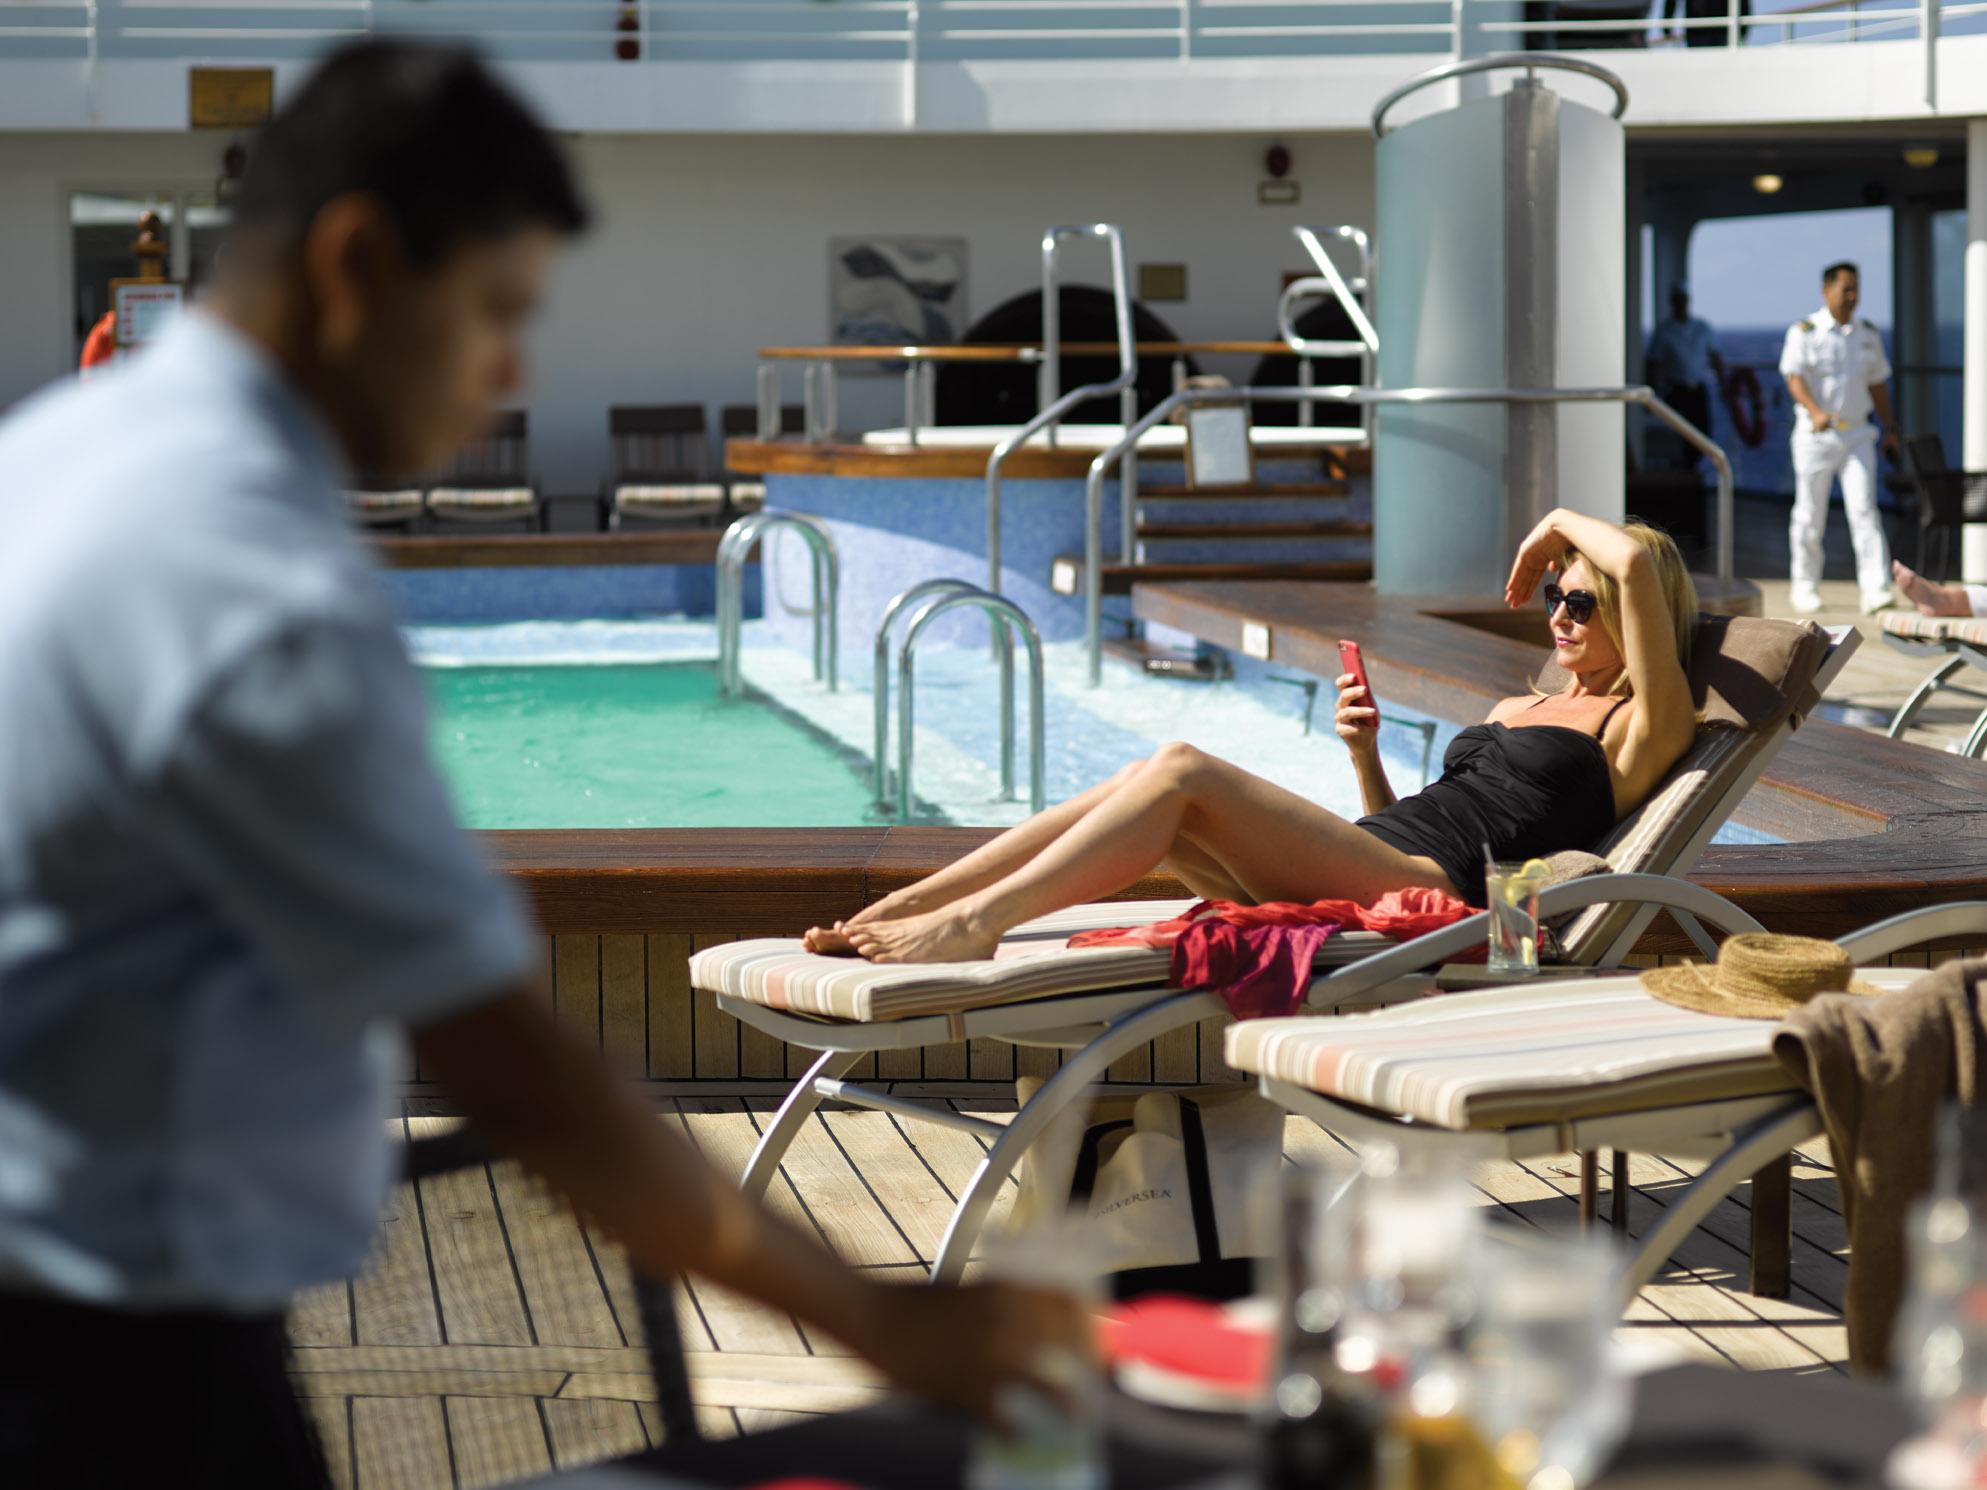 シルバーシー・クルーズがなんと最大20%引きで乗船のチャンスです!名古屋クルーズ・船旅専門旅行会社グラージュ